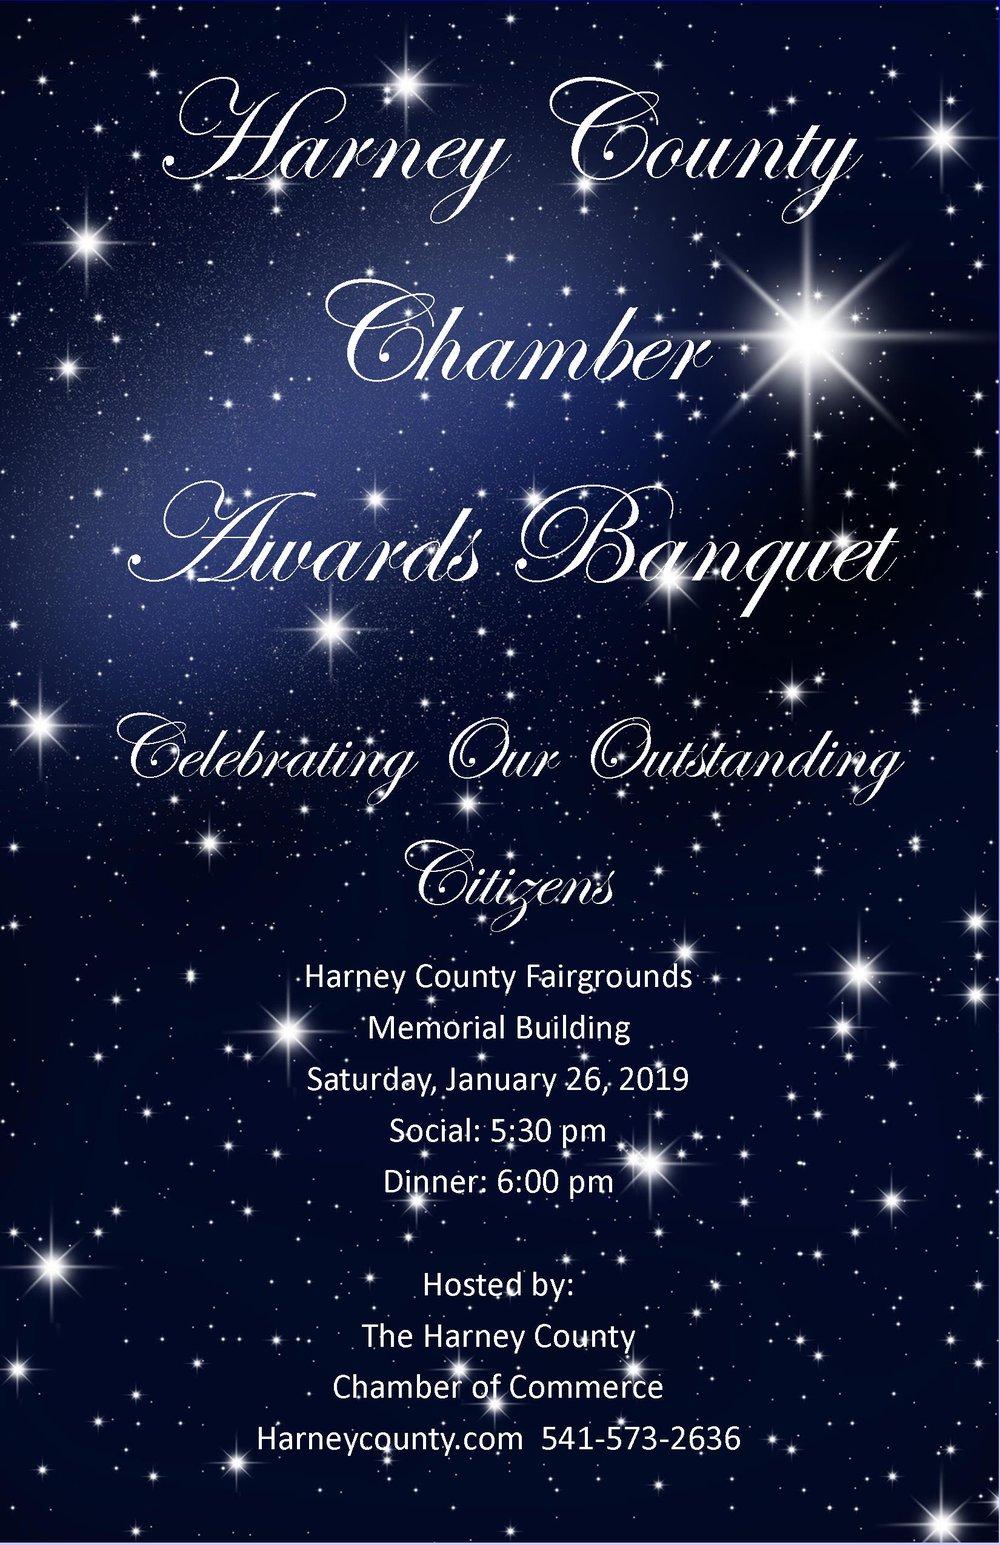 2019 Chamber Awards Banquet 2.jpg